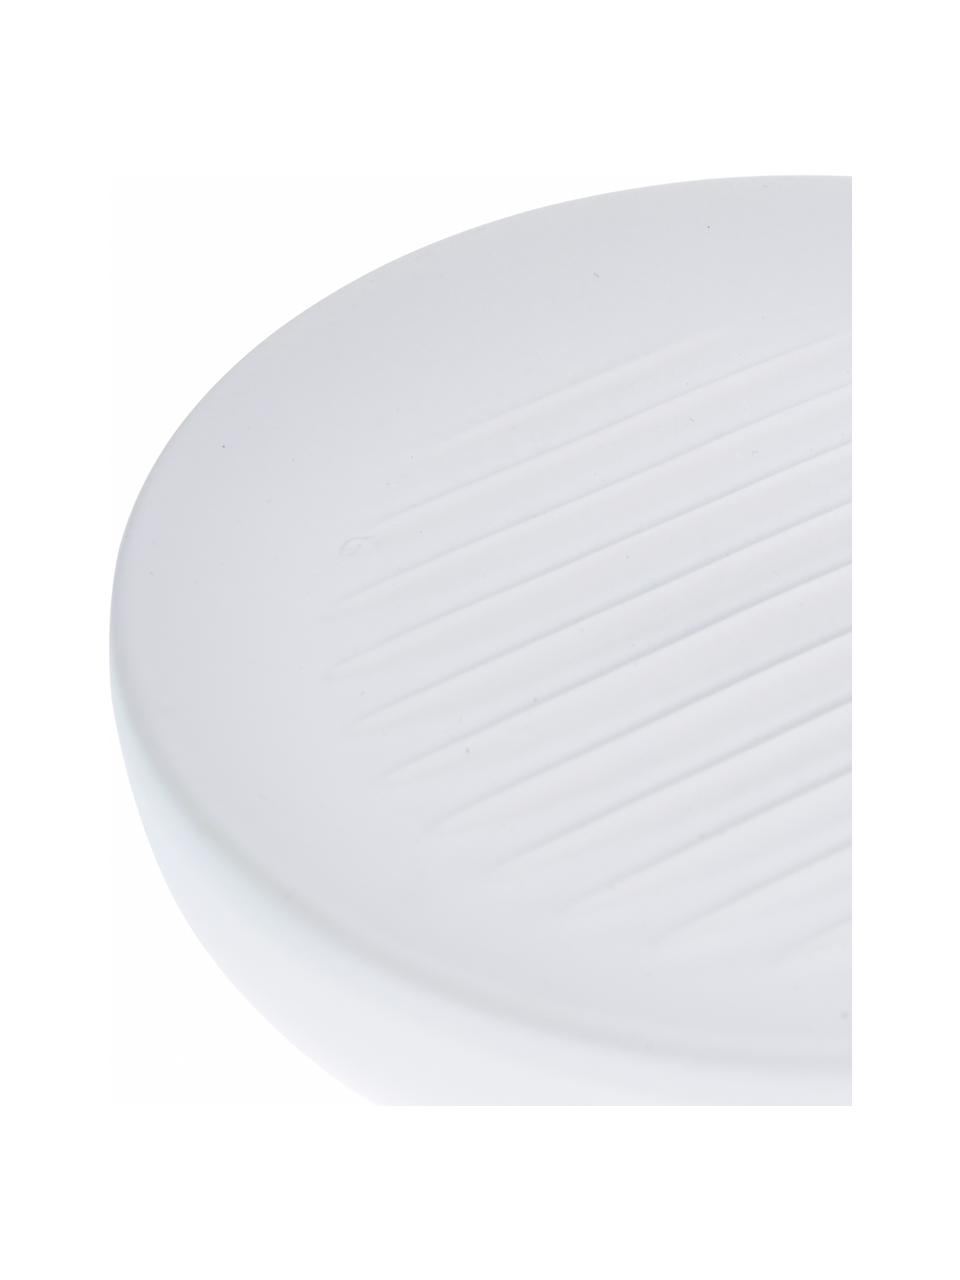 Mydelniczka z porcelany Ume, Porcelana, Biały, Ø 12 x W 3 cm